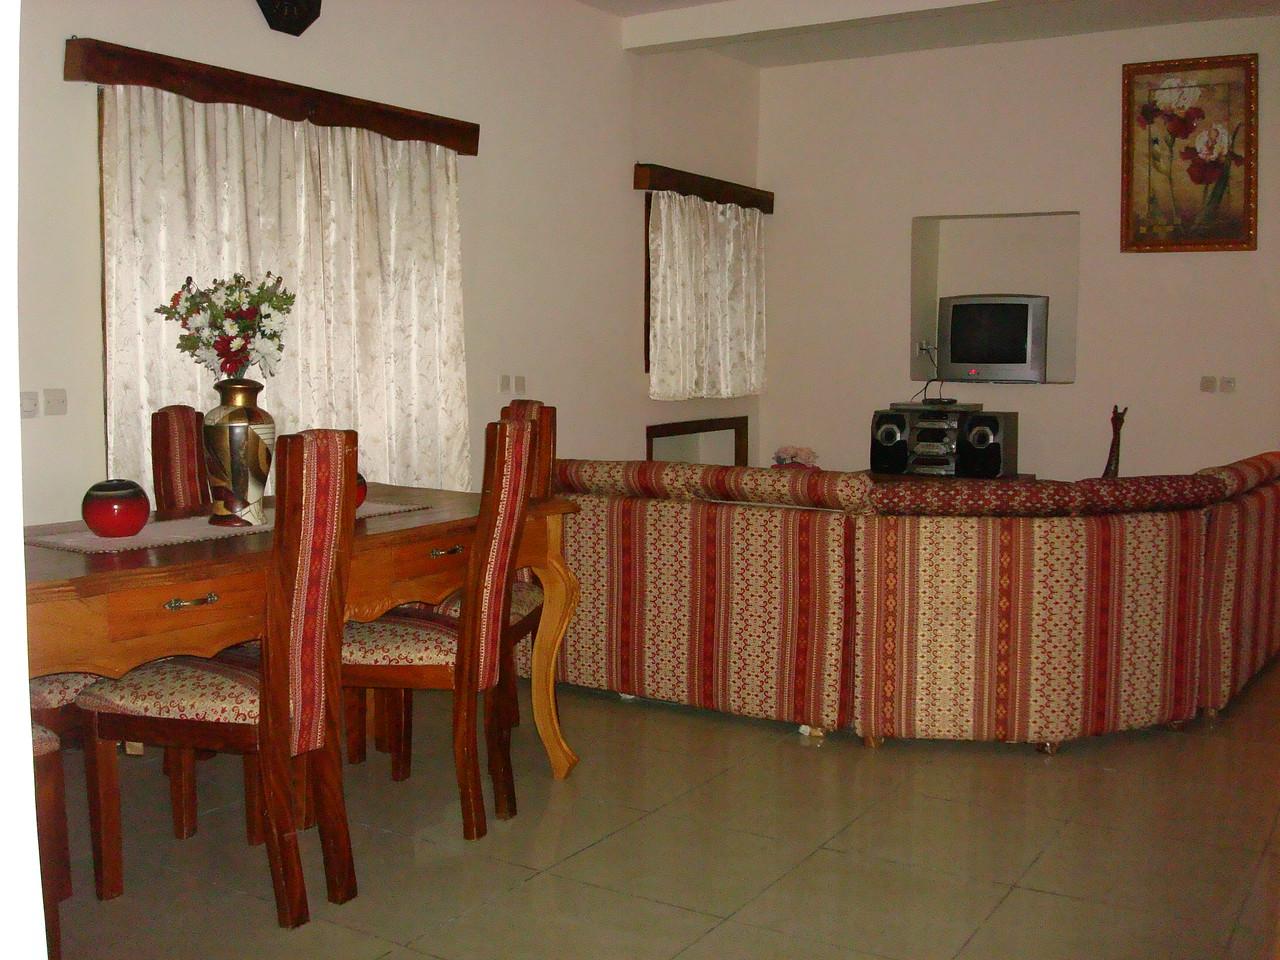 Séjour -Villa meublée climatisée avec la connexion internet haut débit 70 Euros par jour - 46000 F CFA par jour